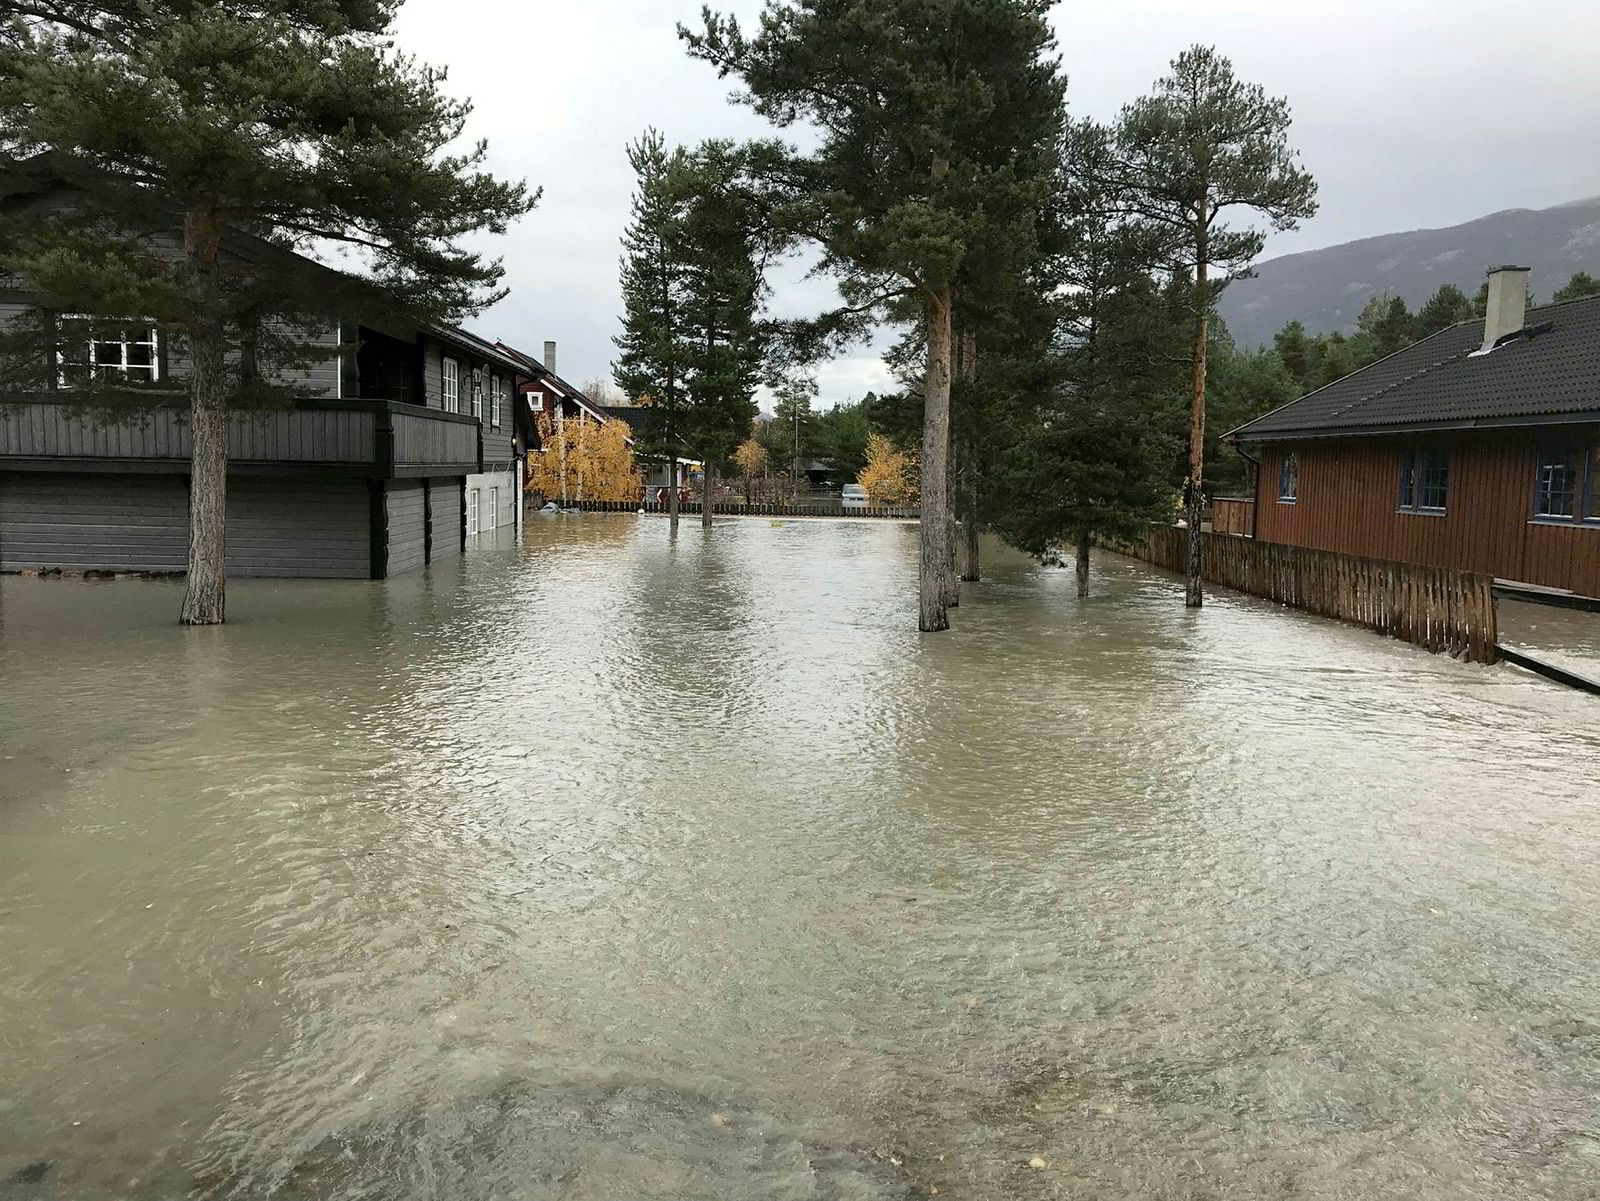 Byggefeltet Blåbærmyra i Bismo i Skjåk står i vann.